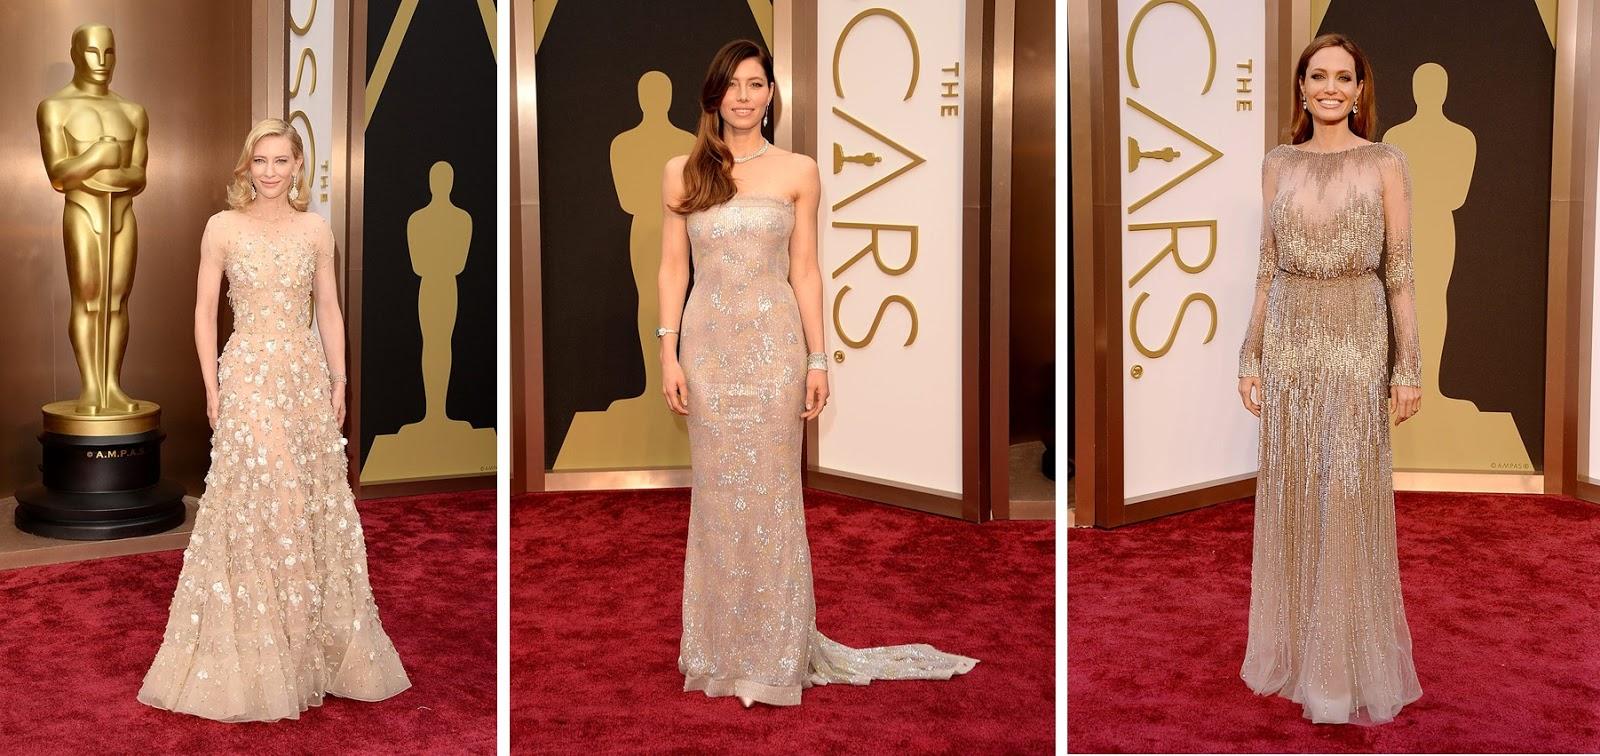 Gala de los Óscar 2014